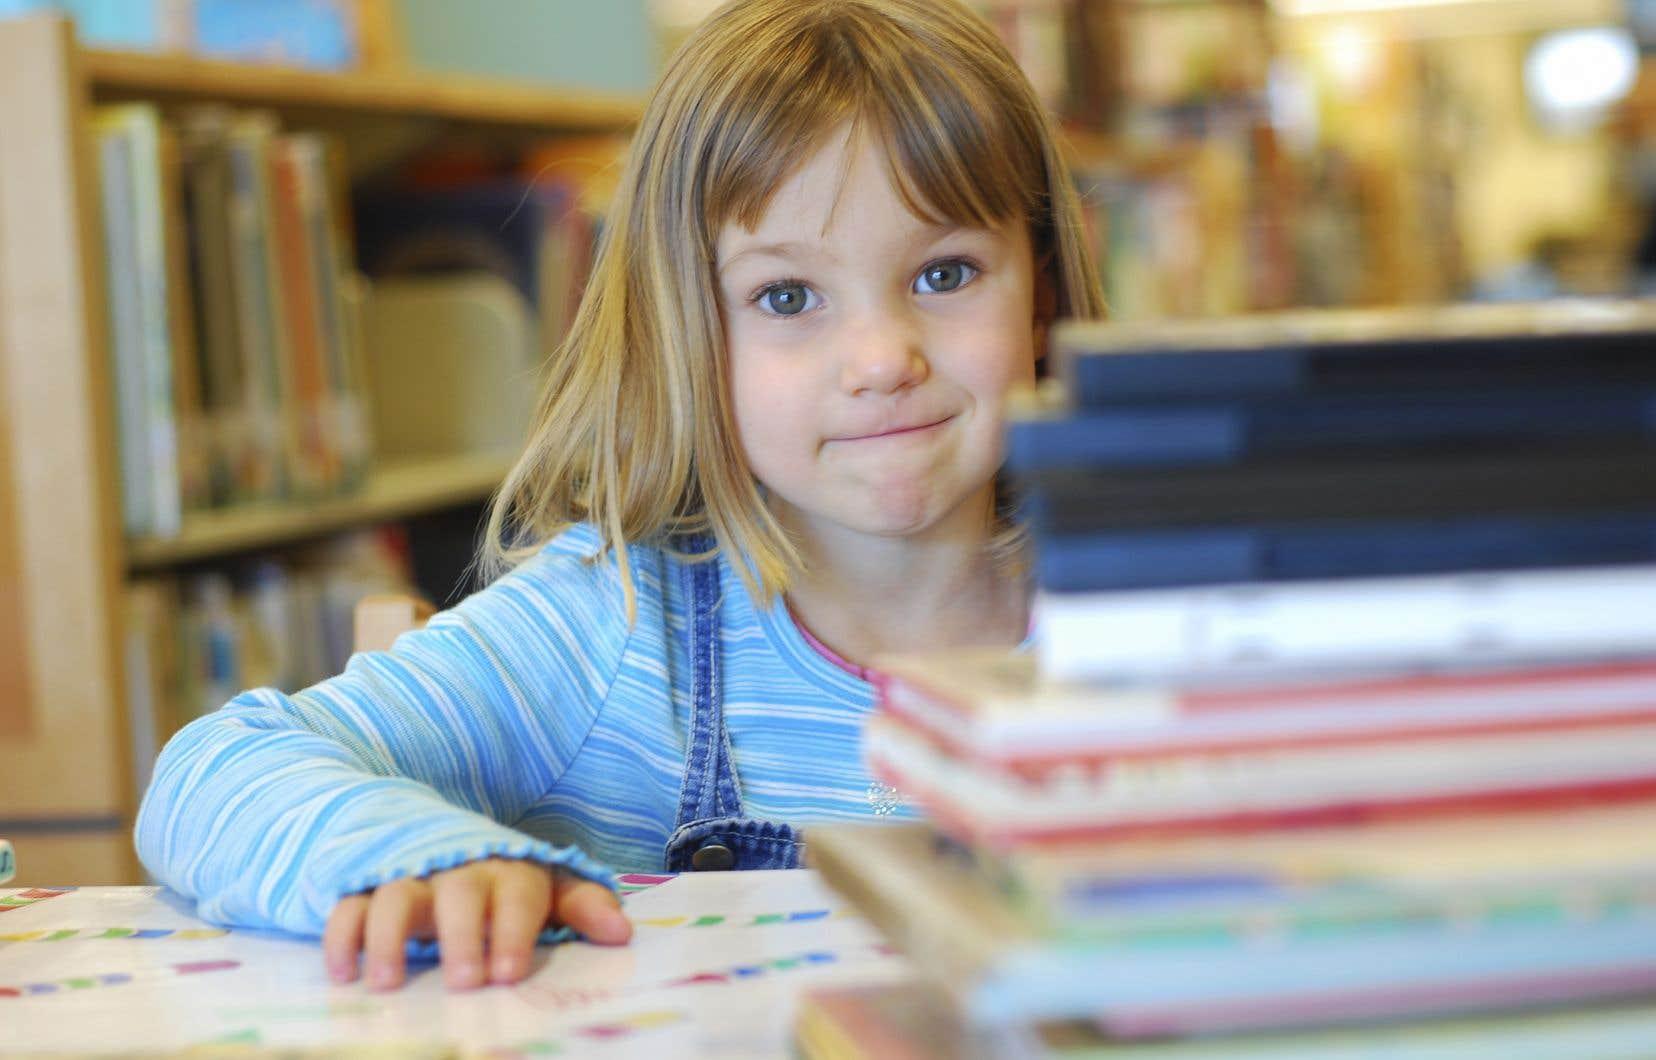 Certaines études démontrent que chaque classe du primaire devrait être équipée d'un minimum de 500 livres en papier pour développer le goût de lire et les compétences à lire et à apprécier des œuvres littéraires.